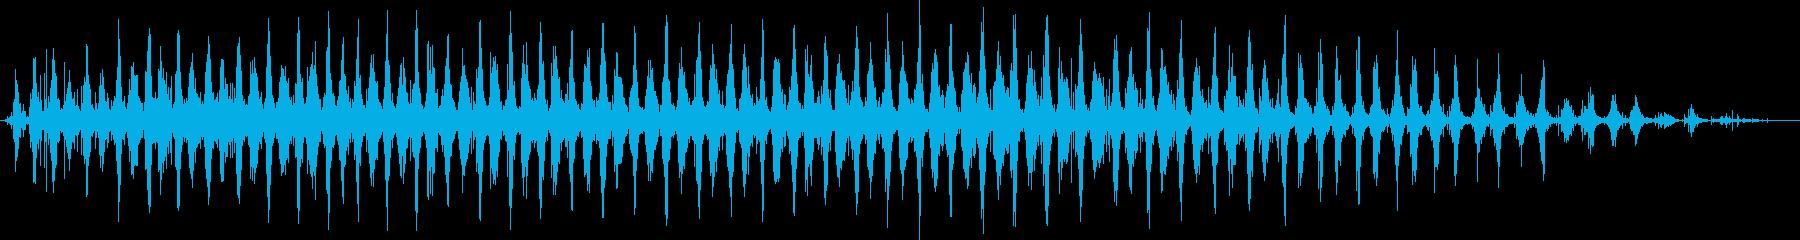 シェイカー:ミディアムシェイク、漫...の再生済みの波形